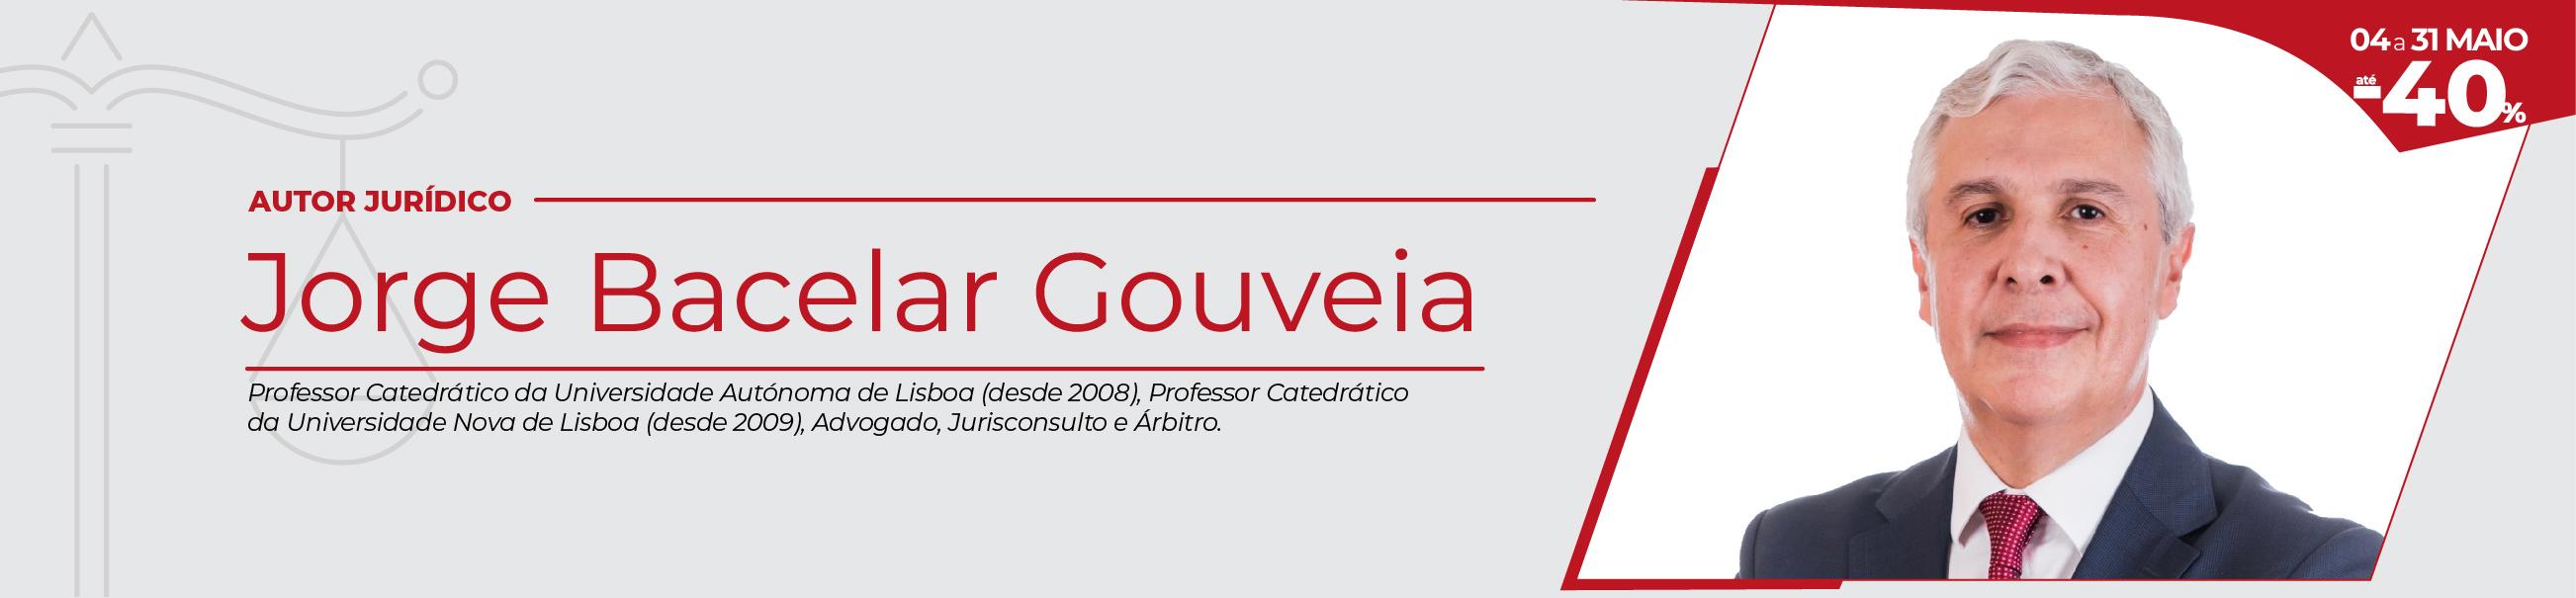 Autor Jurídico em Destaque - Jorge Bacelar Gouveia